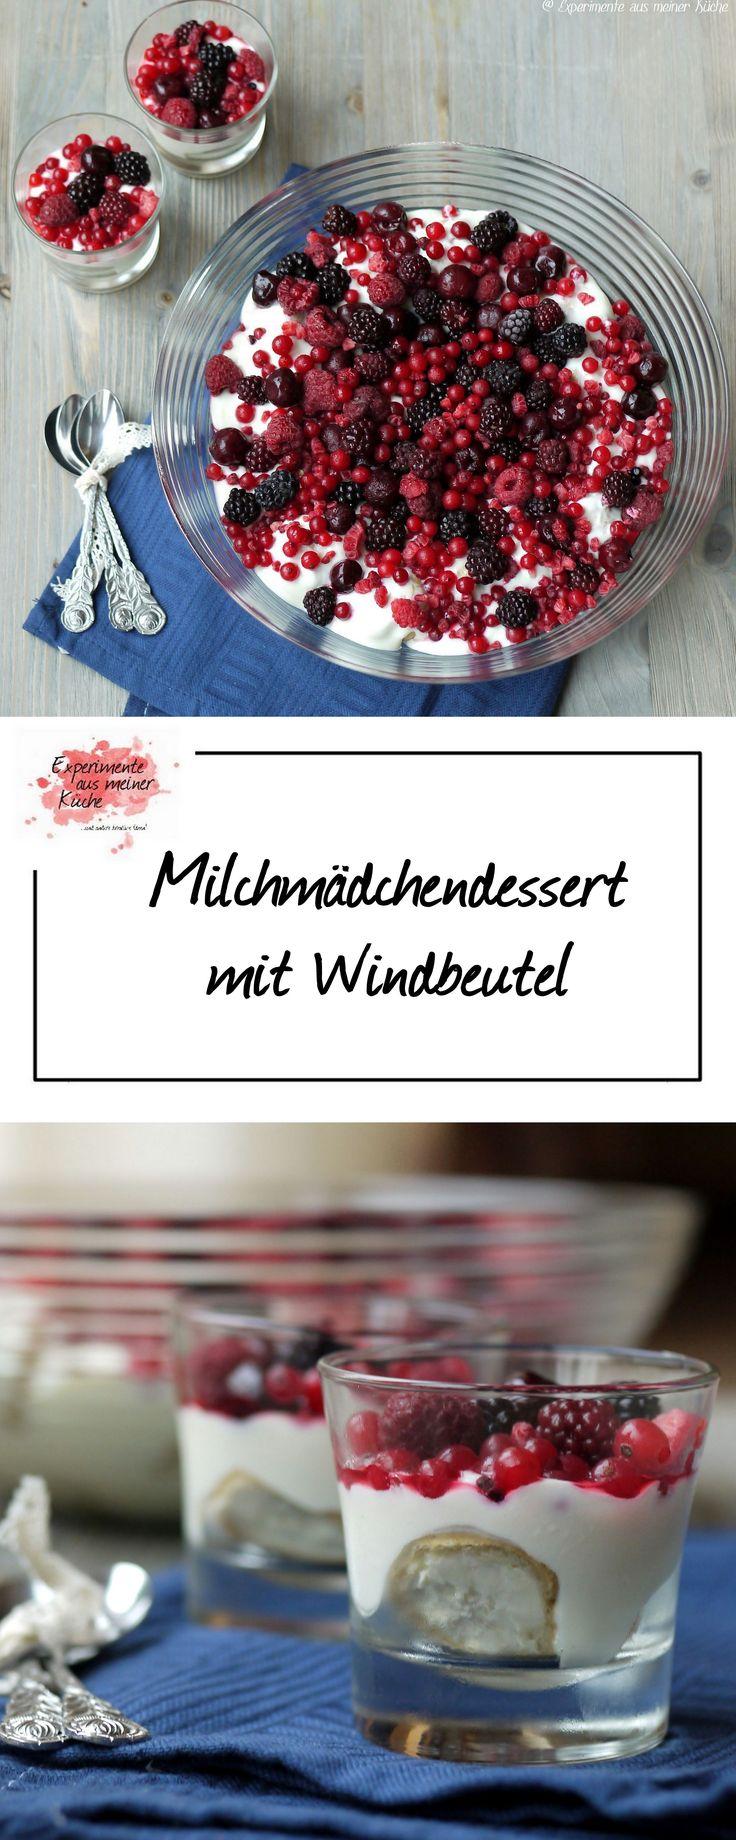 Milchmädchendessert mit Windbeutel | Rezept | Dessert